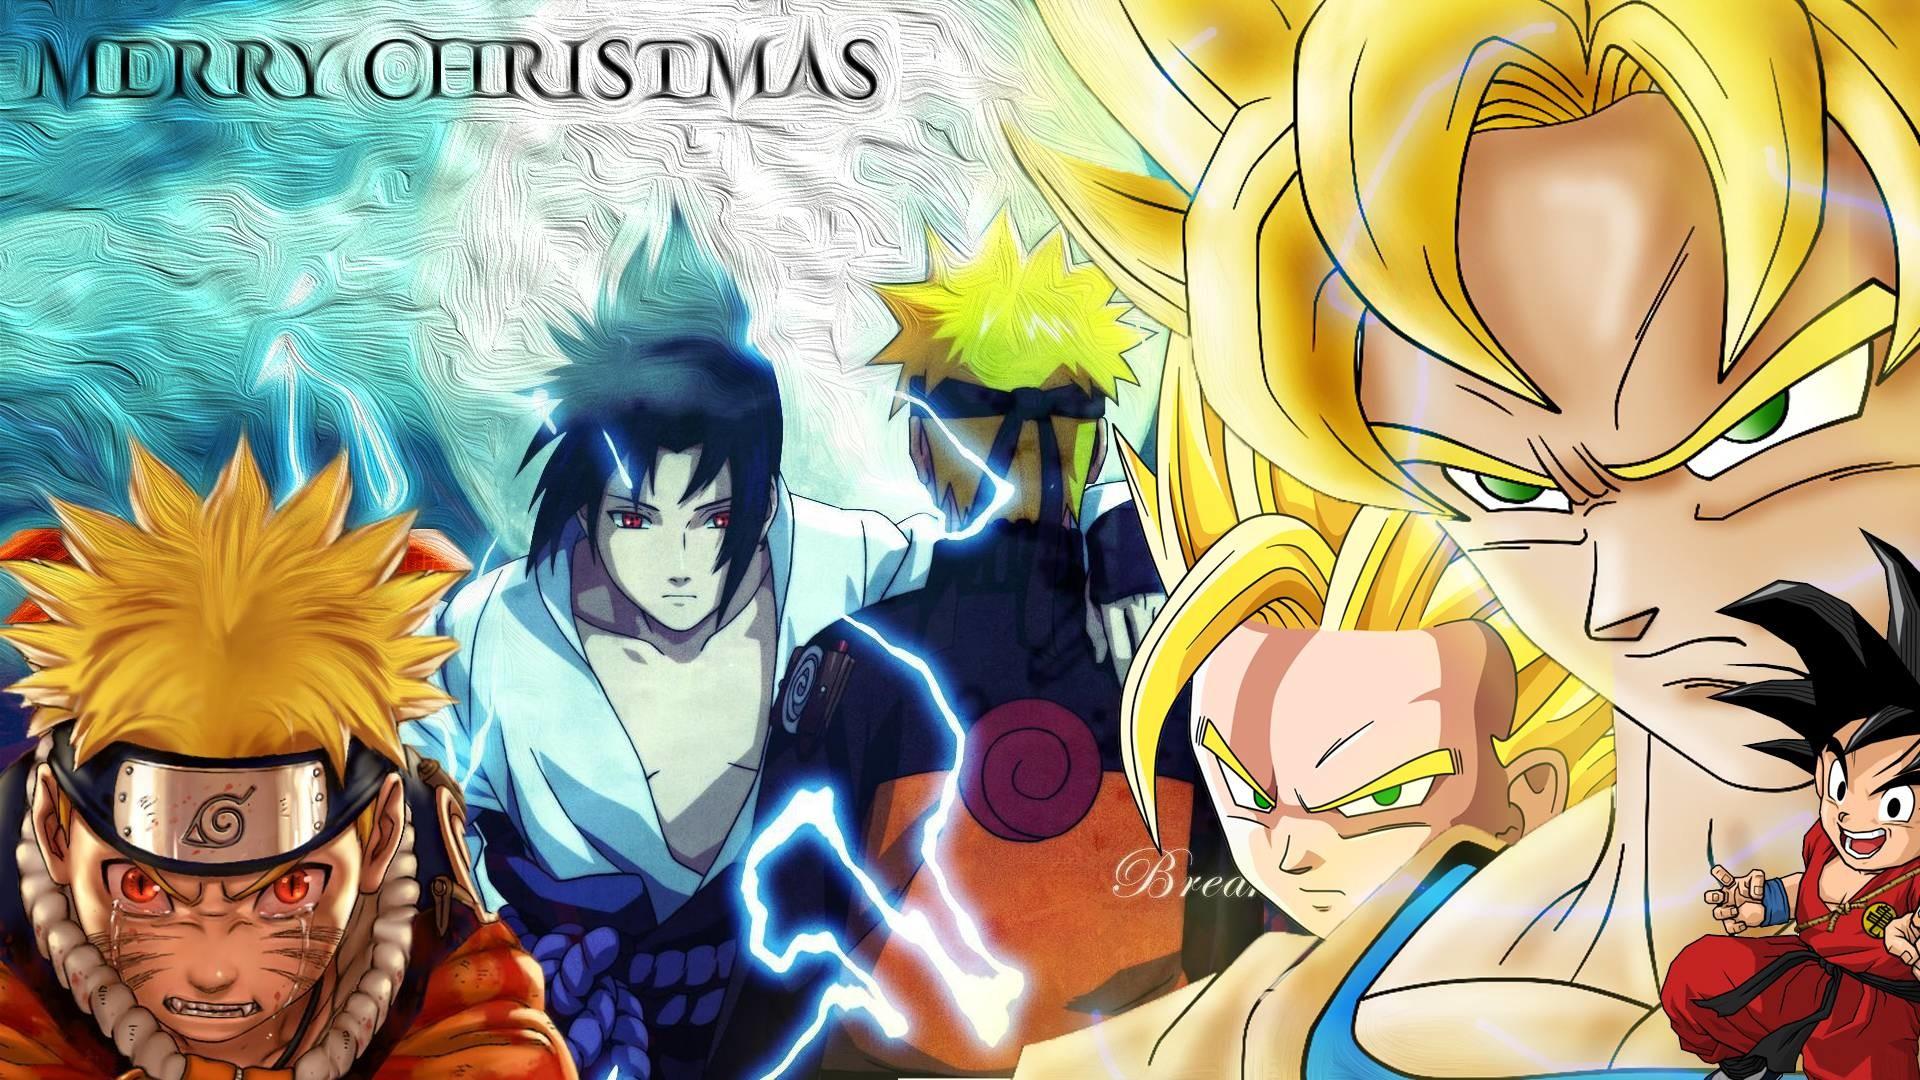 Naruto Christmas Wallpaper WallpaperTag